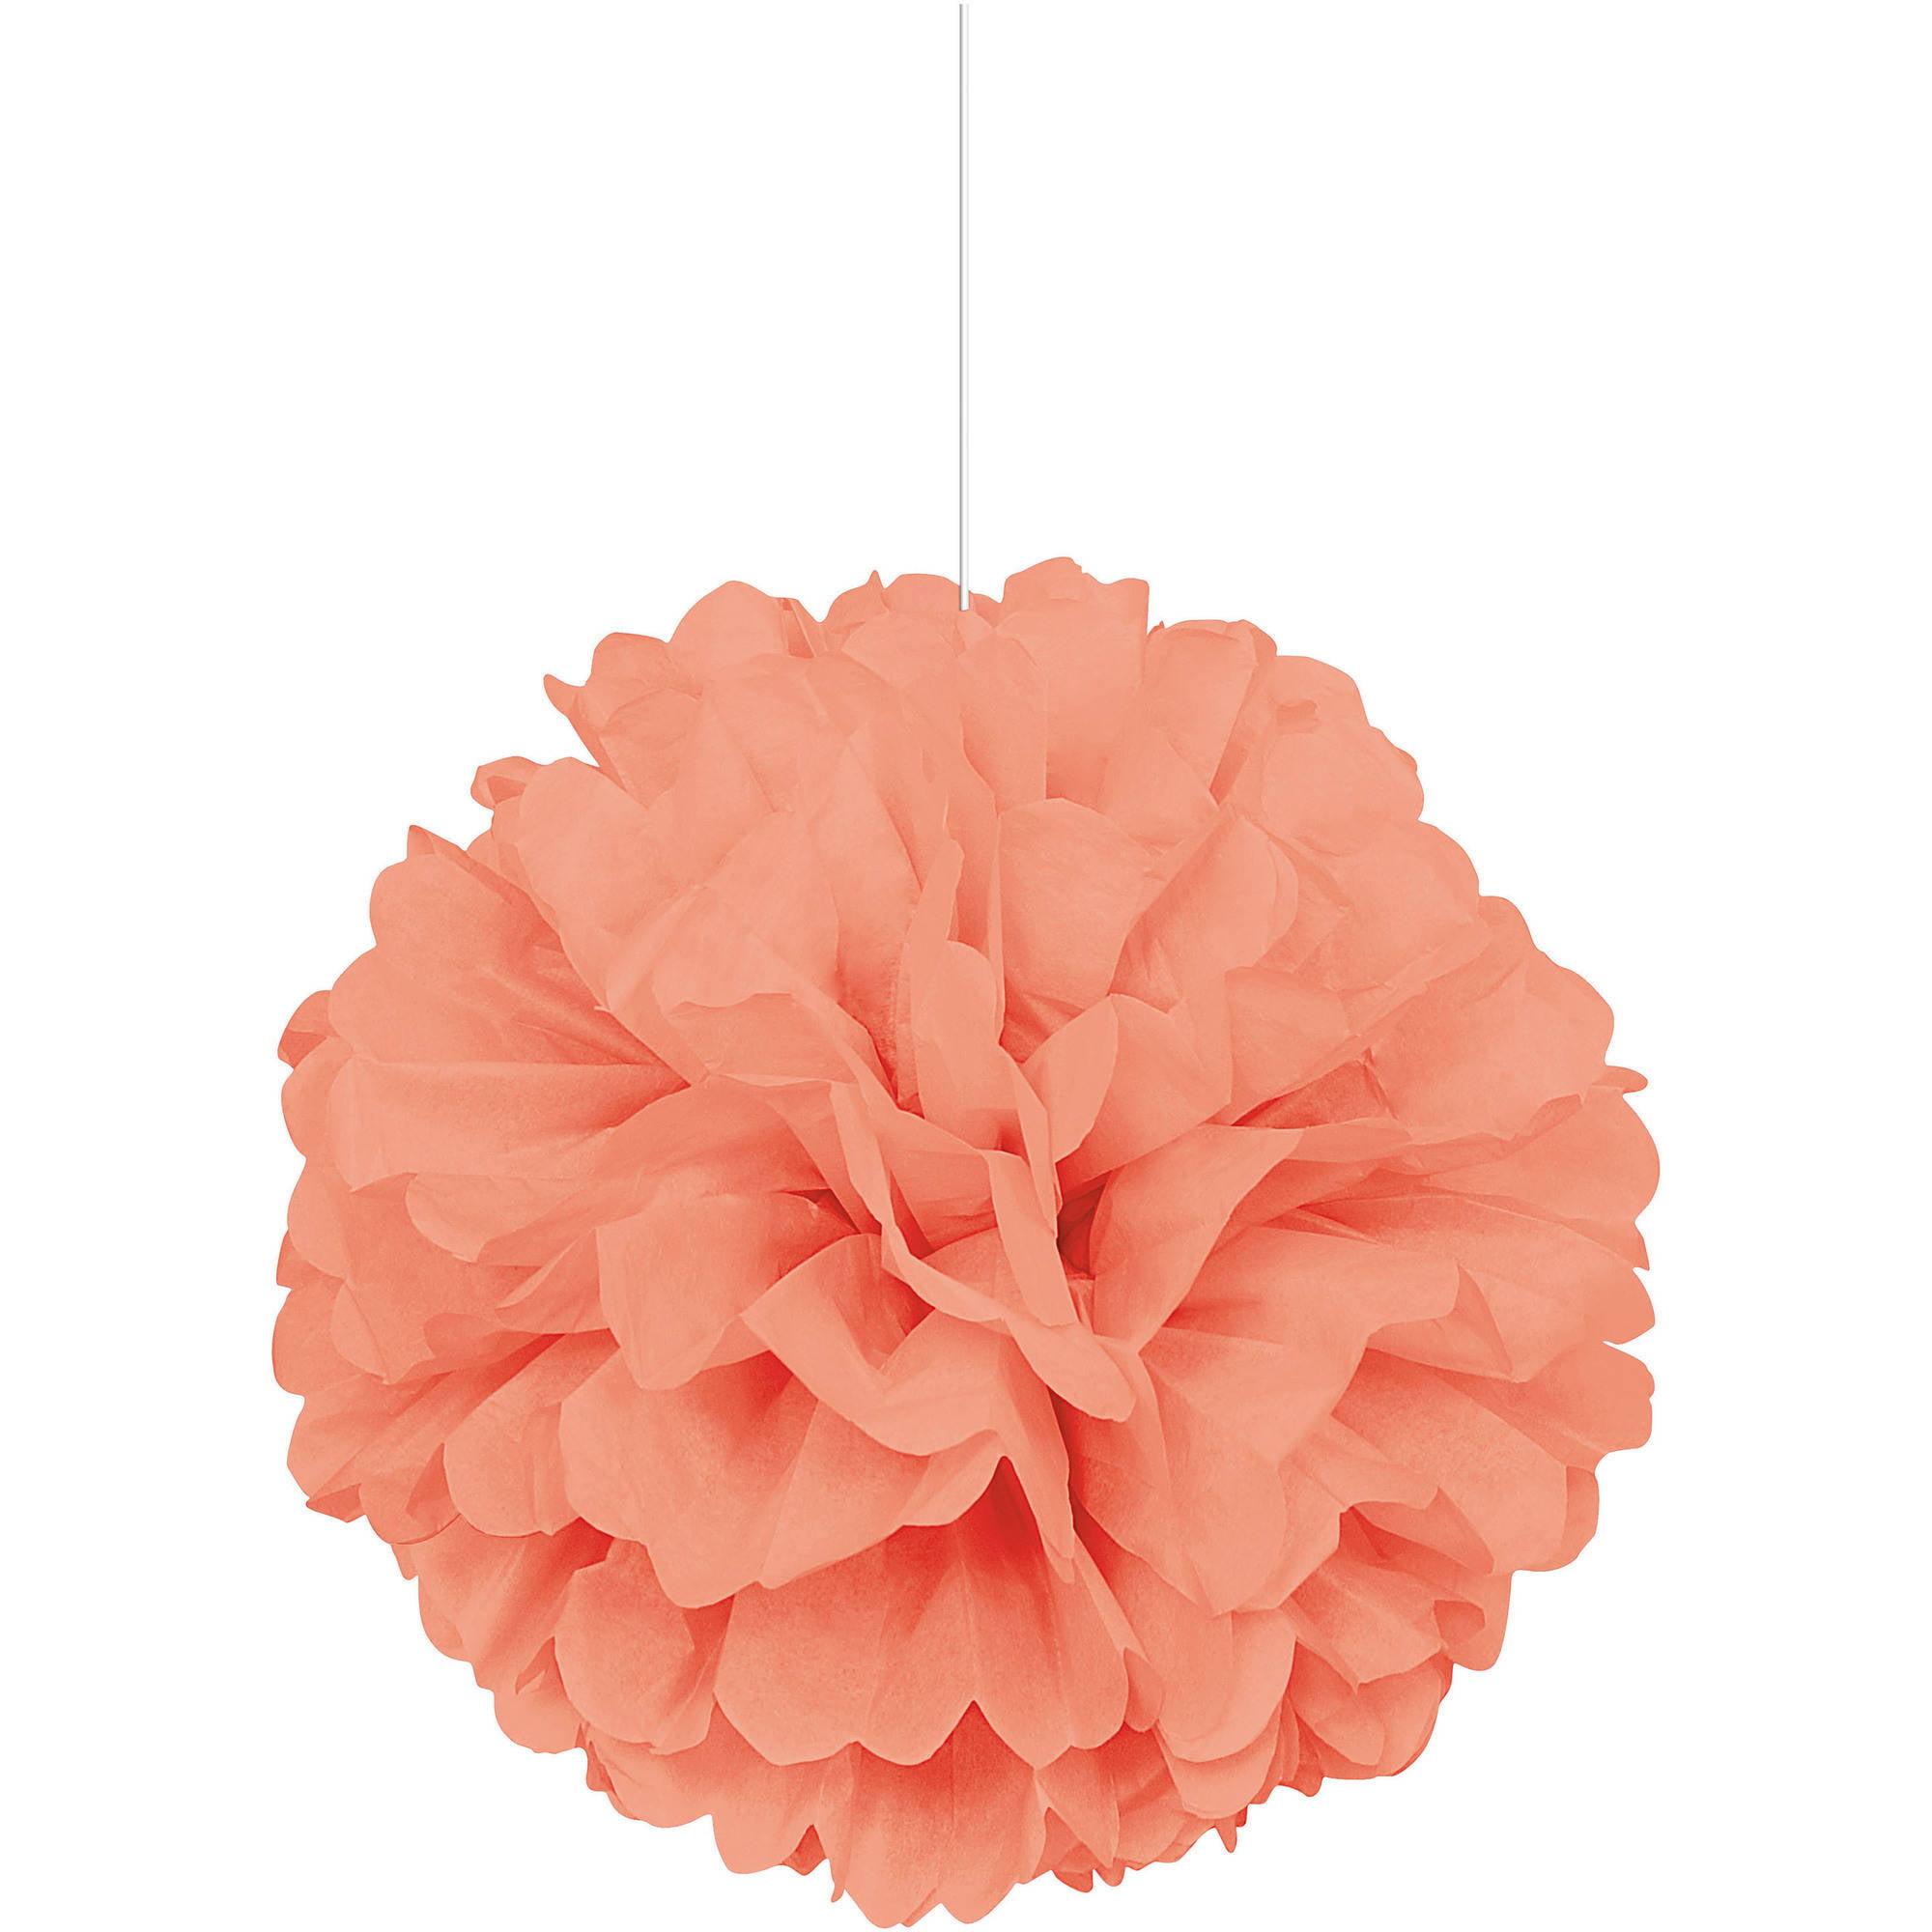 Tissue Paper Pom Pom, 16 in, Coral, 1ct